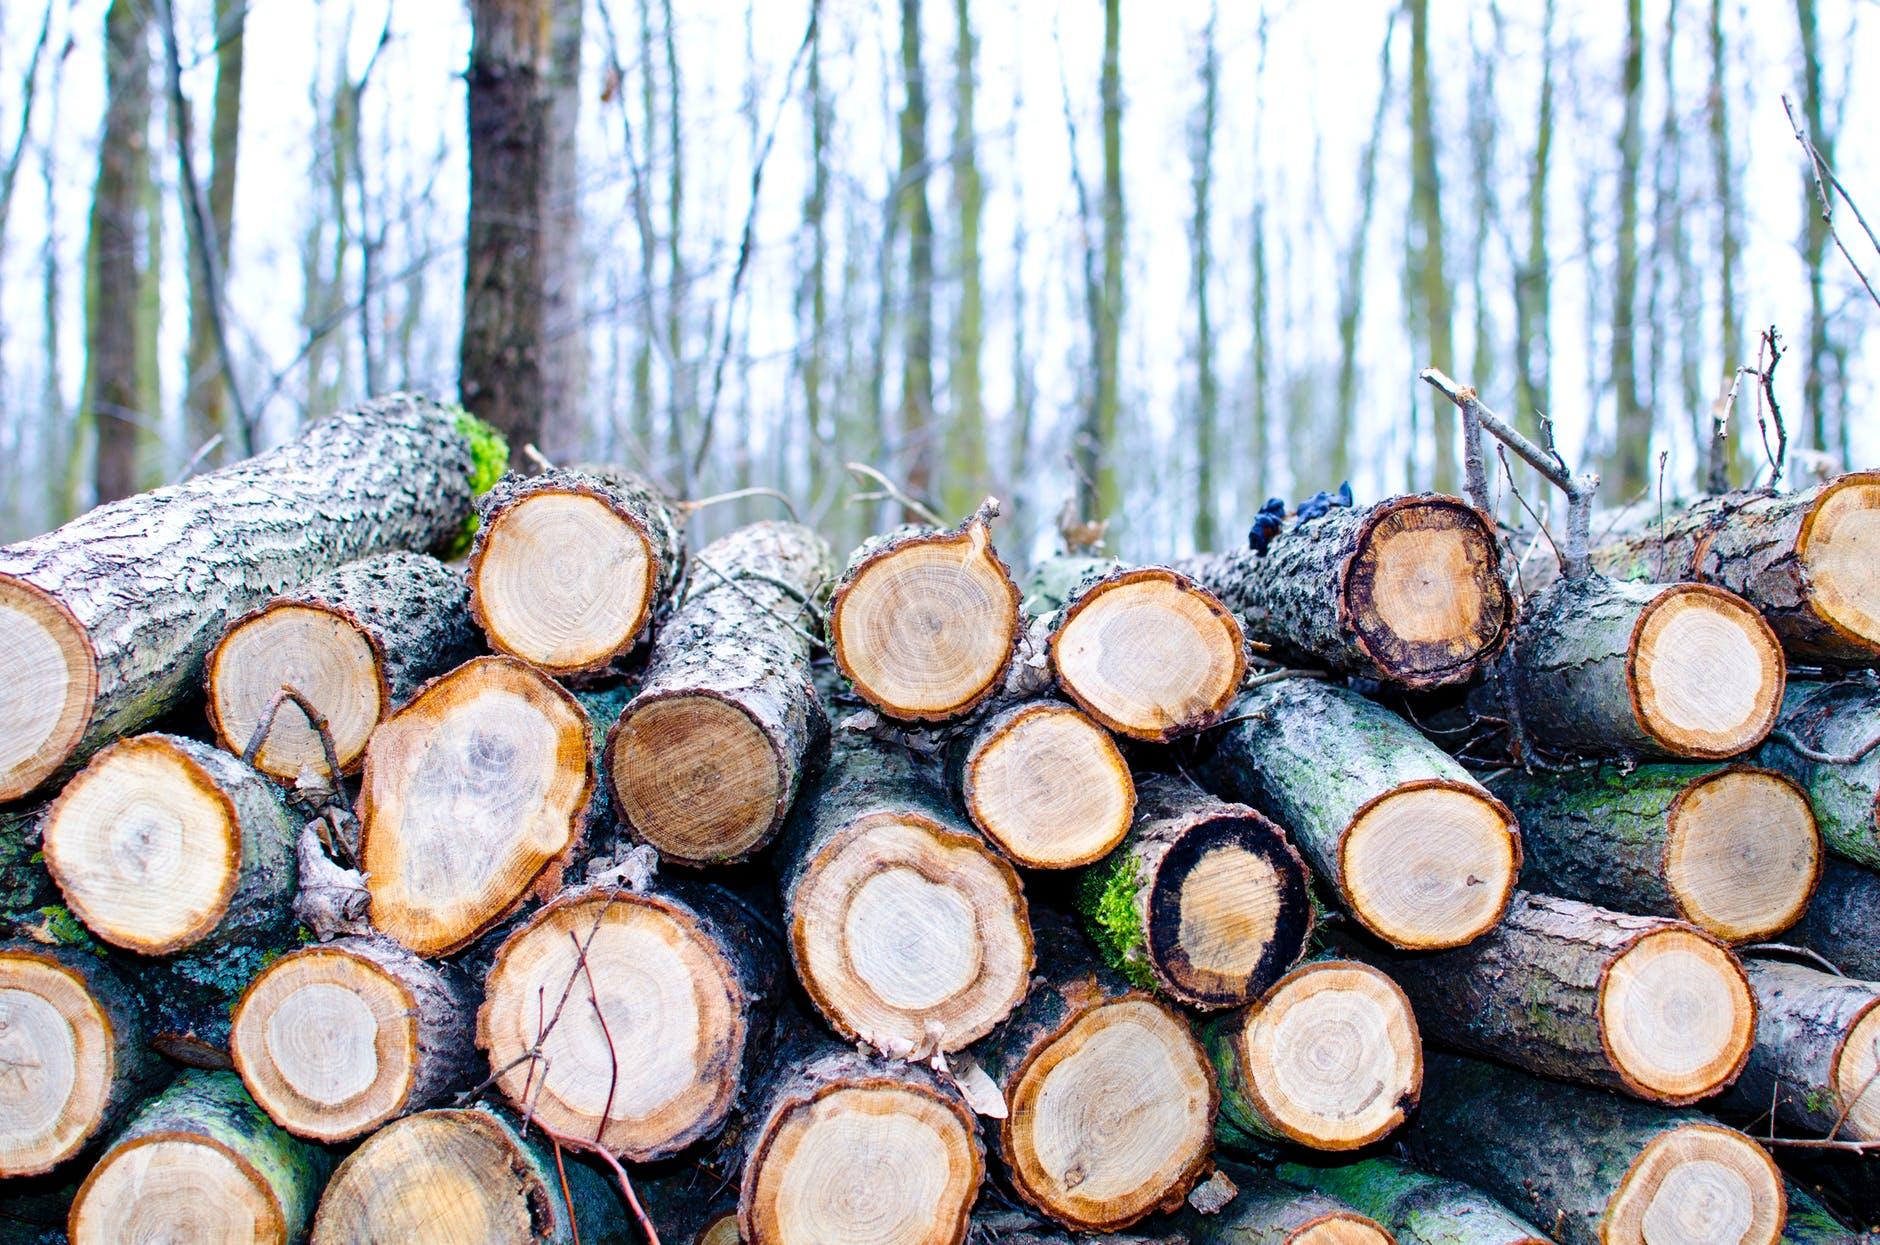 Спасти нельзя срубить. Где поставить запятую в вопросе украинских лесов? — Центр гражданского мониторинга и контроля